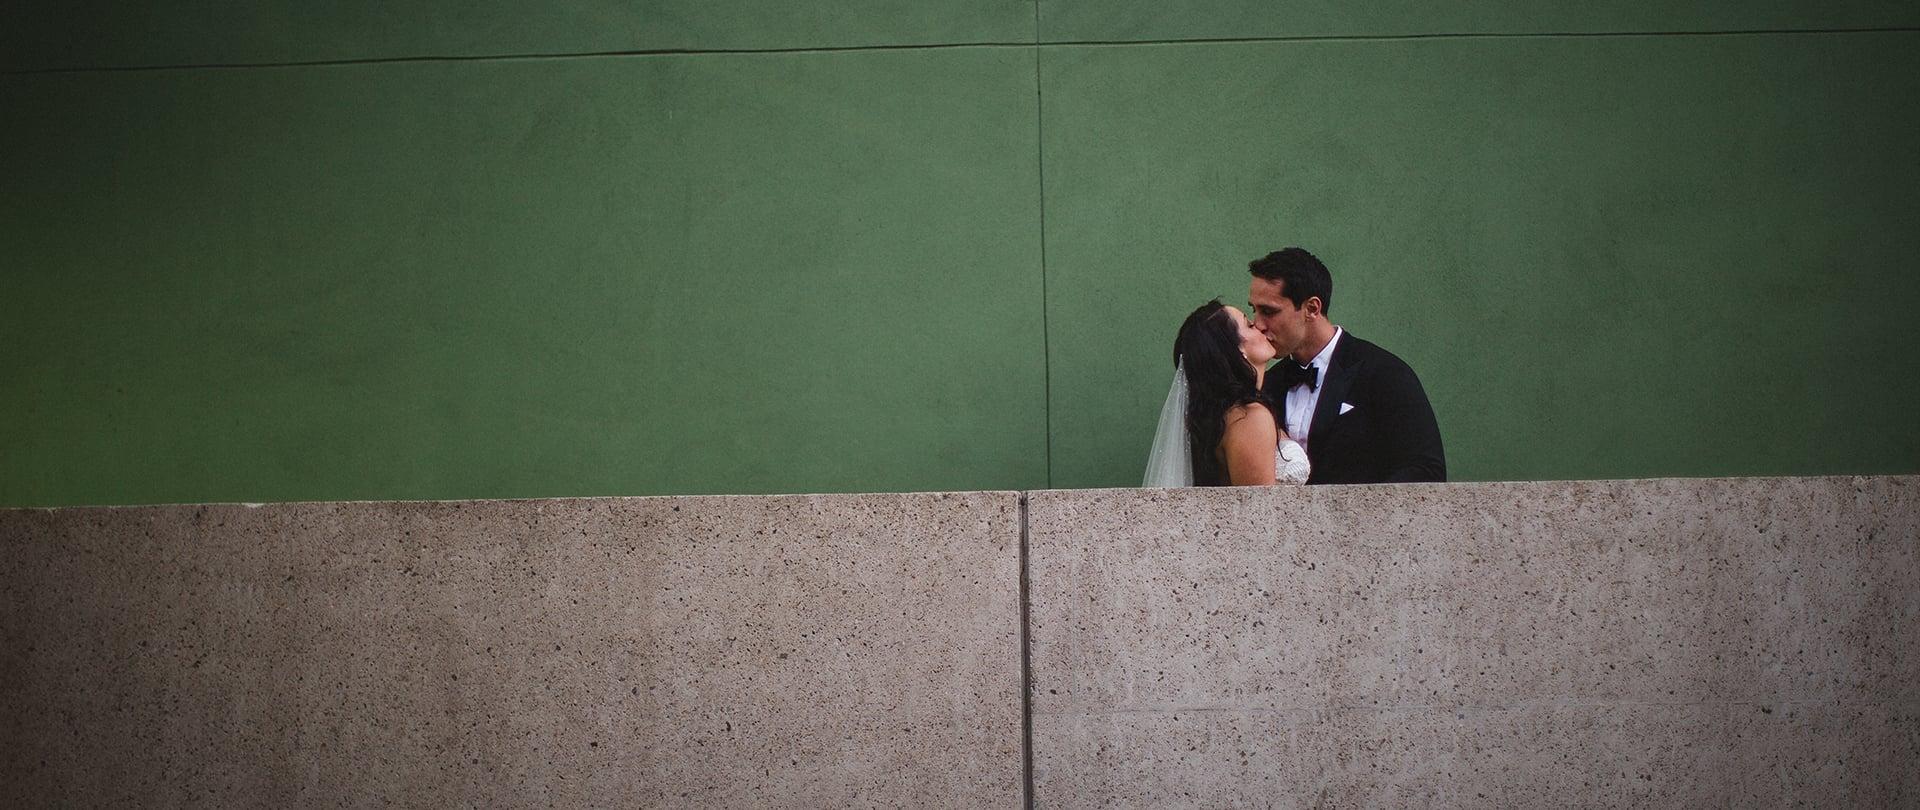 Bryanna & Ben Wedding Video Filmed at Queensland, Australia